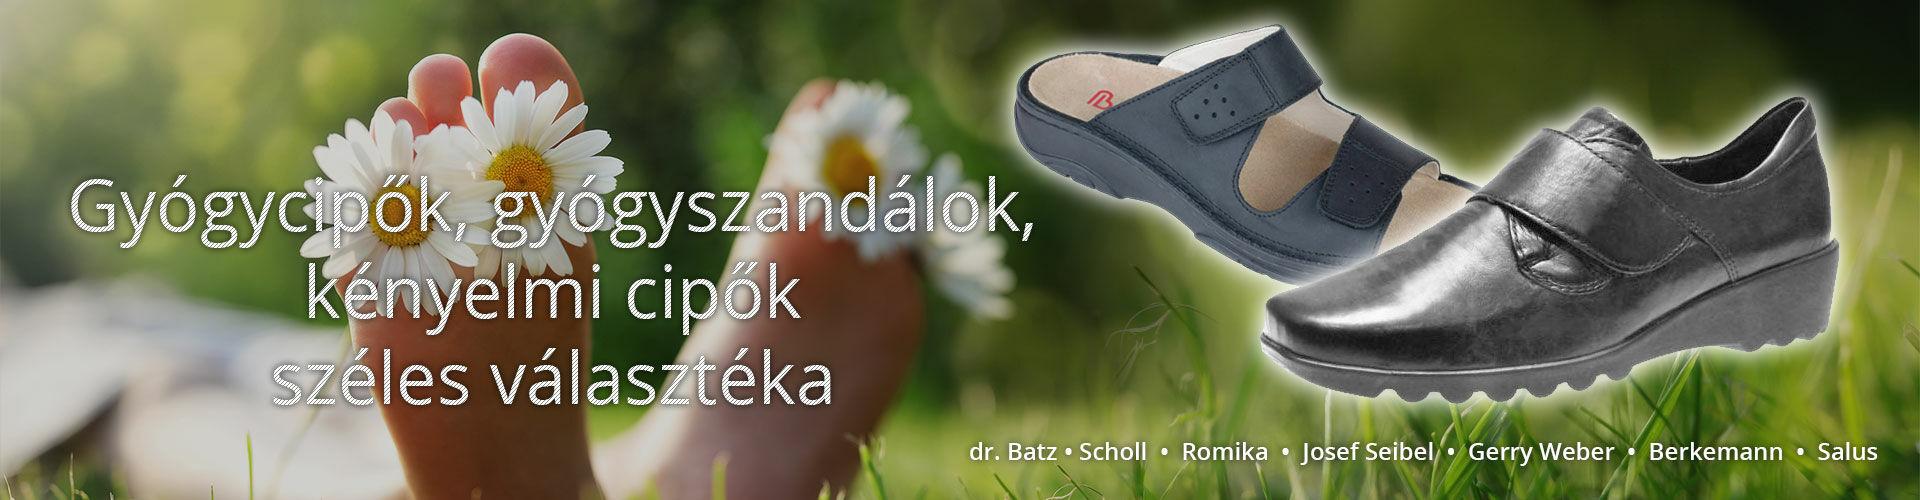 Gyógycipők, gyógyszandálok, kényelmi cipők